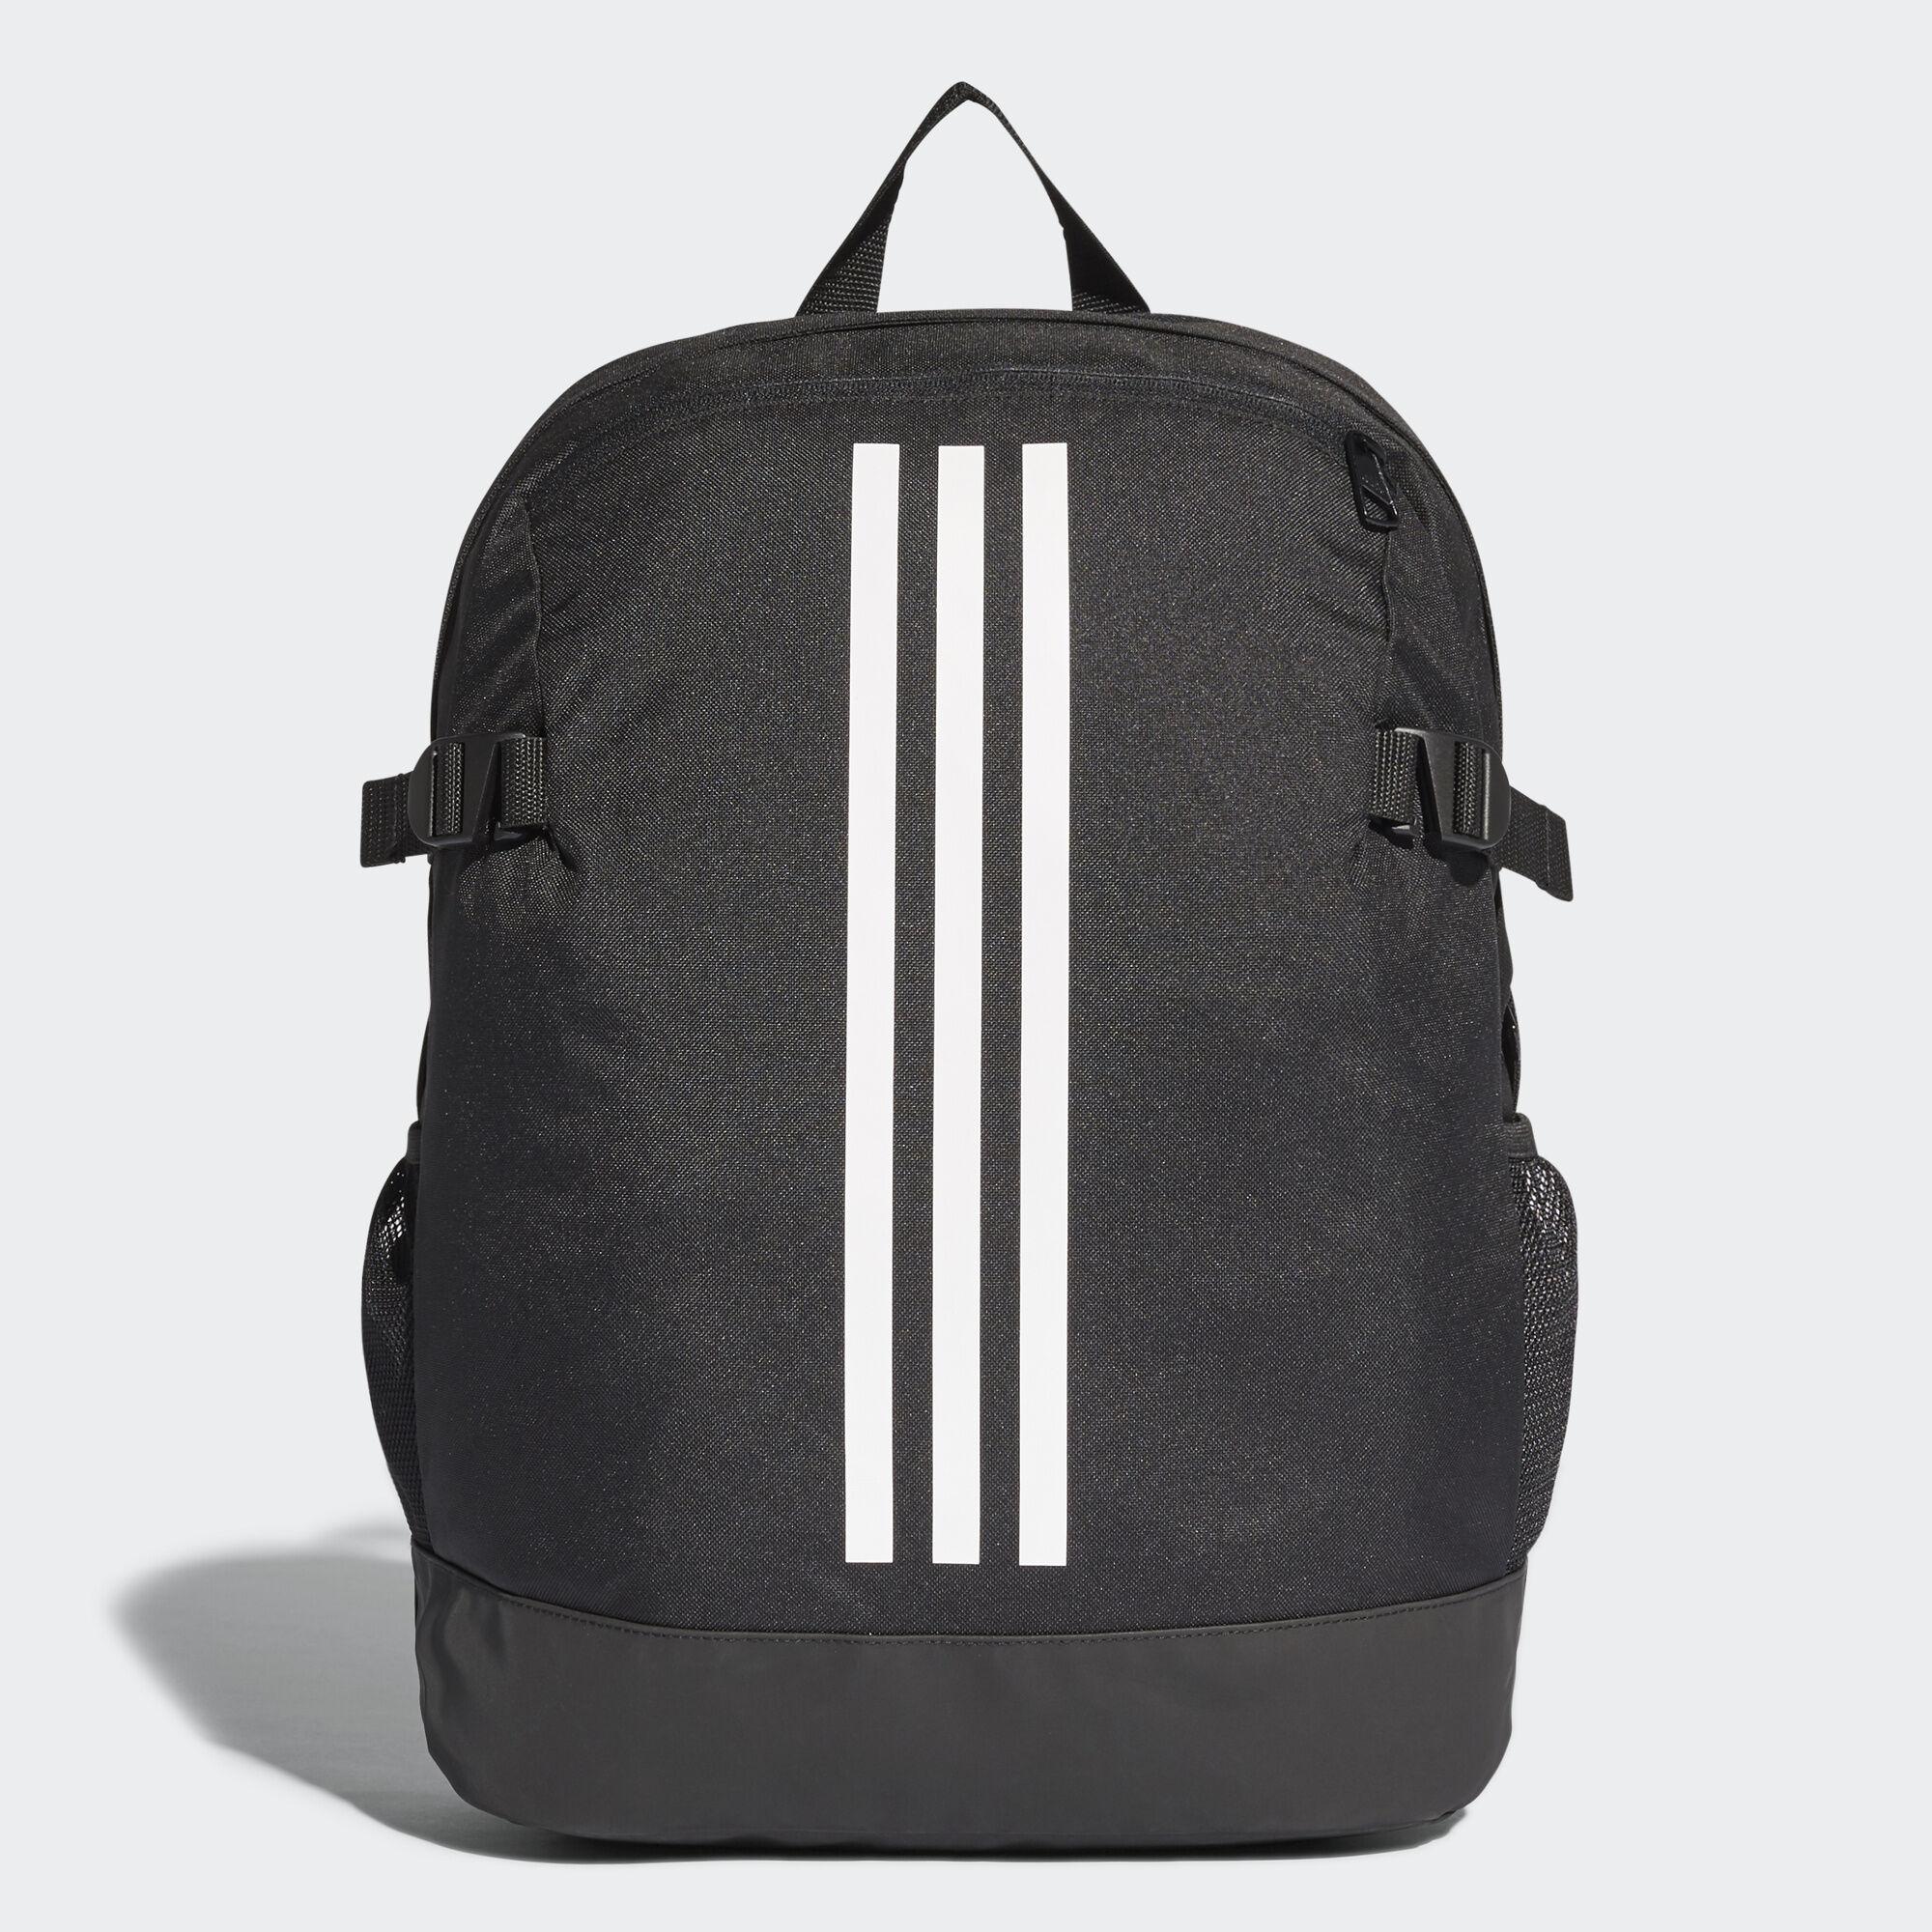 f1e39c744d adidas - 3-Stripes Power Backpack Medium Black White White BR5864